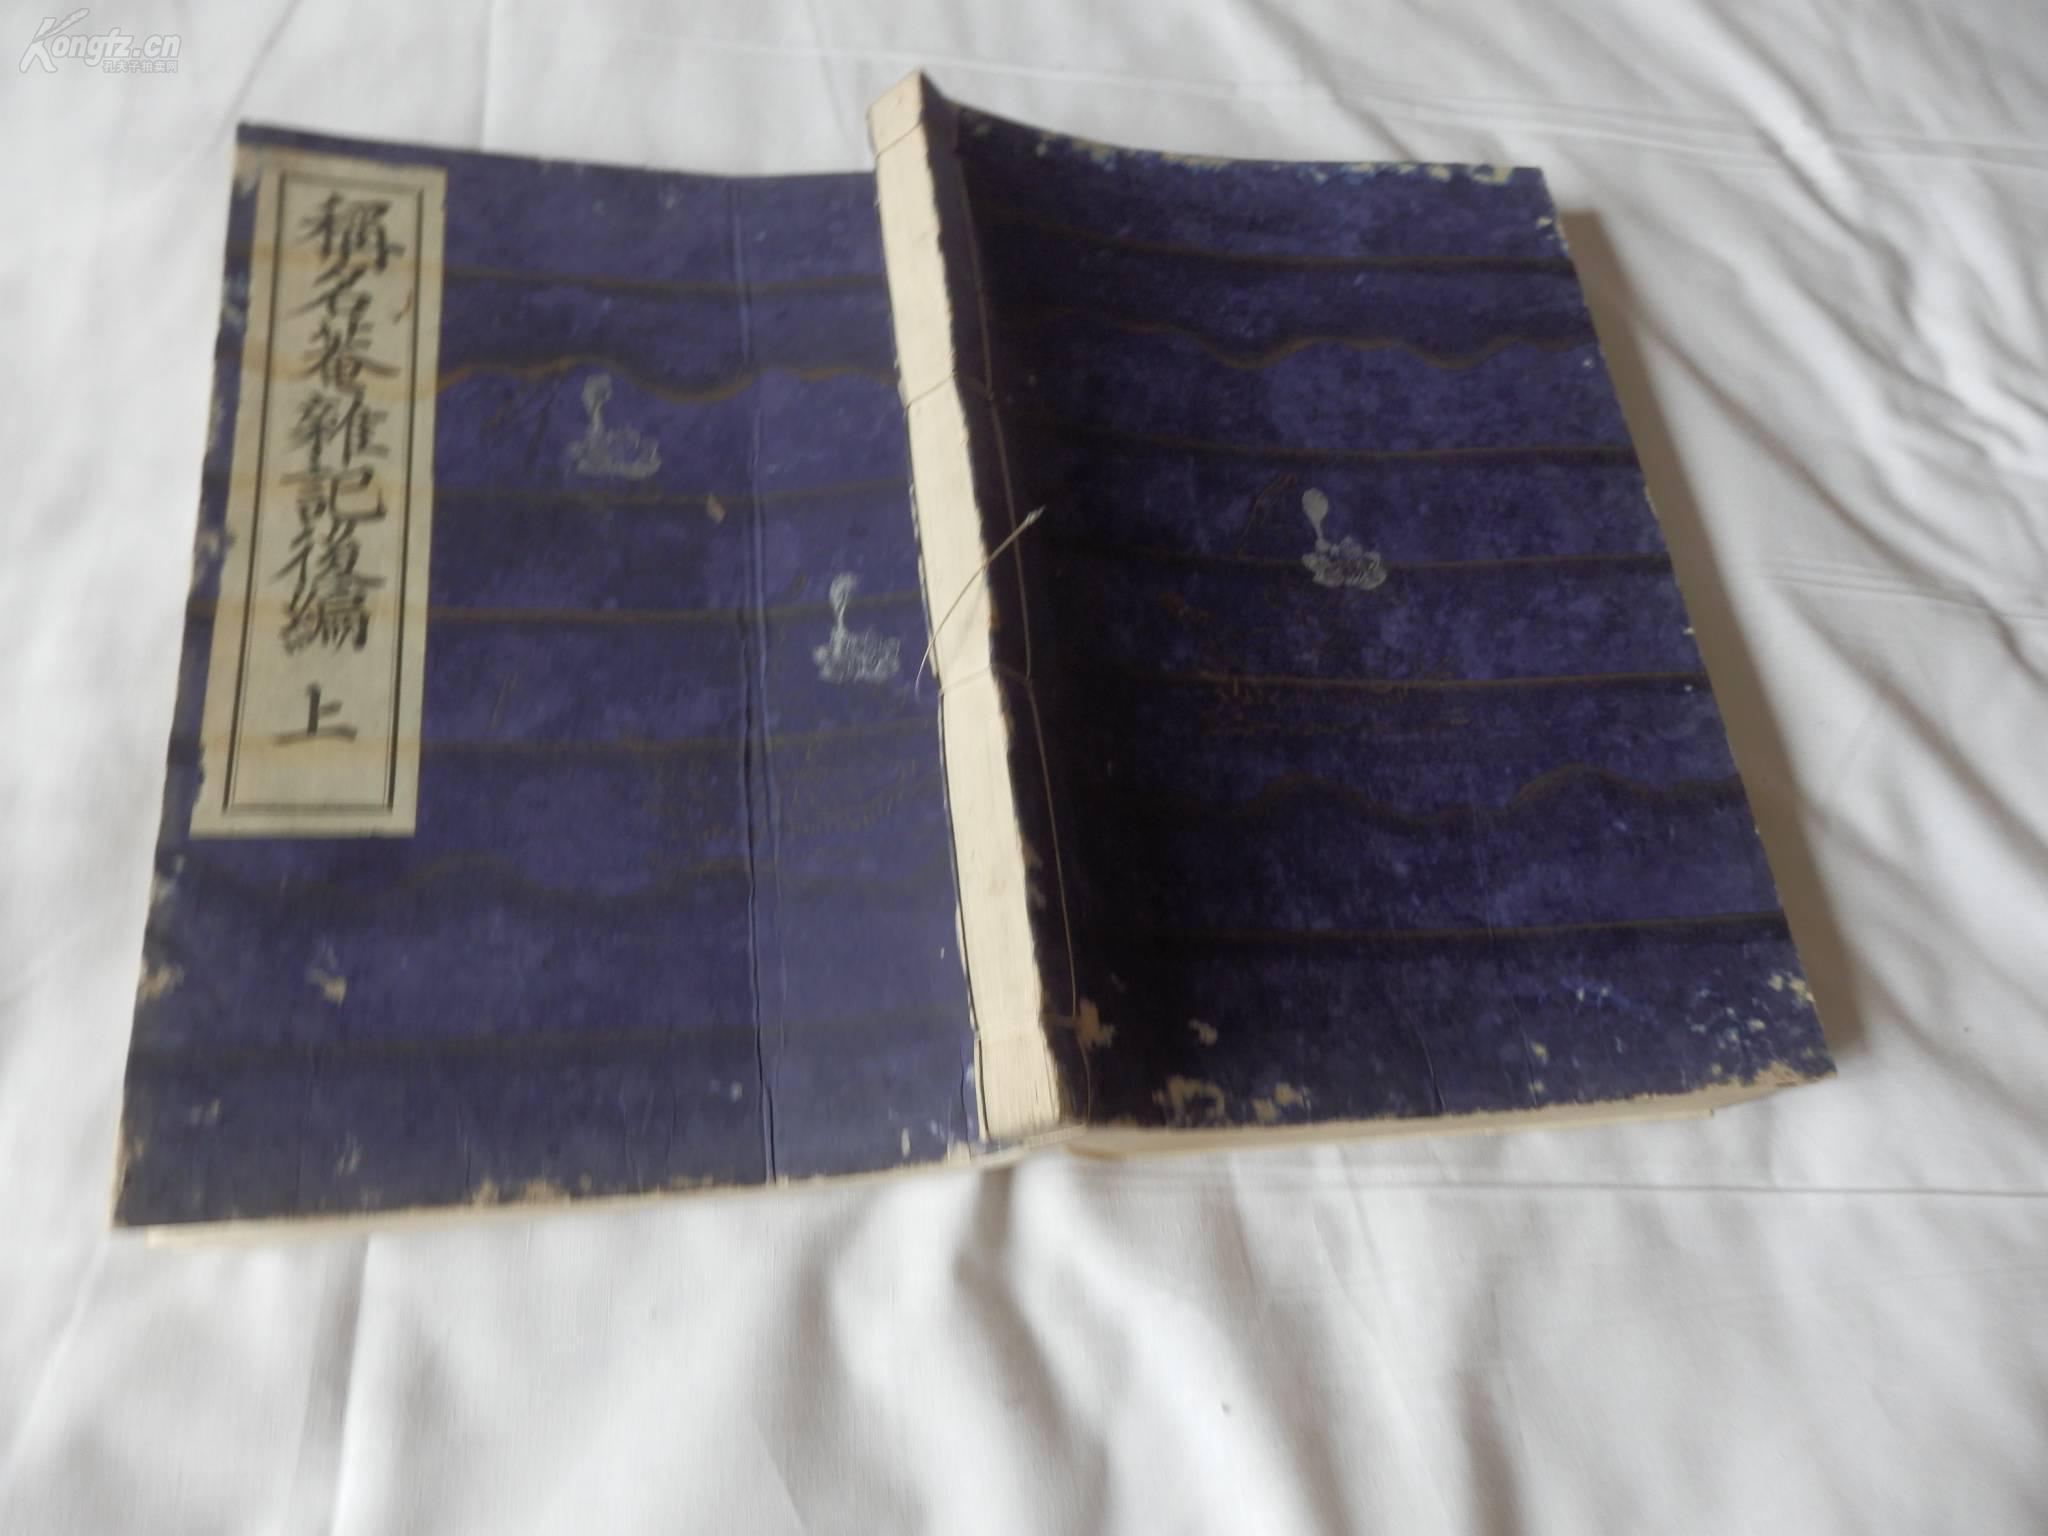 【图】少见活字印刷佛教皮纸:民国珍贵雁宝宝书籍外贸松口袜夏图片